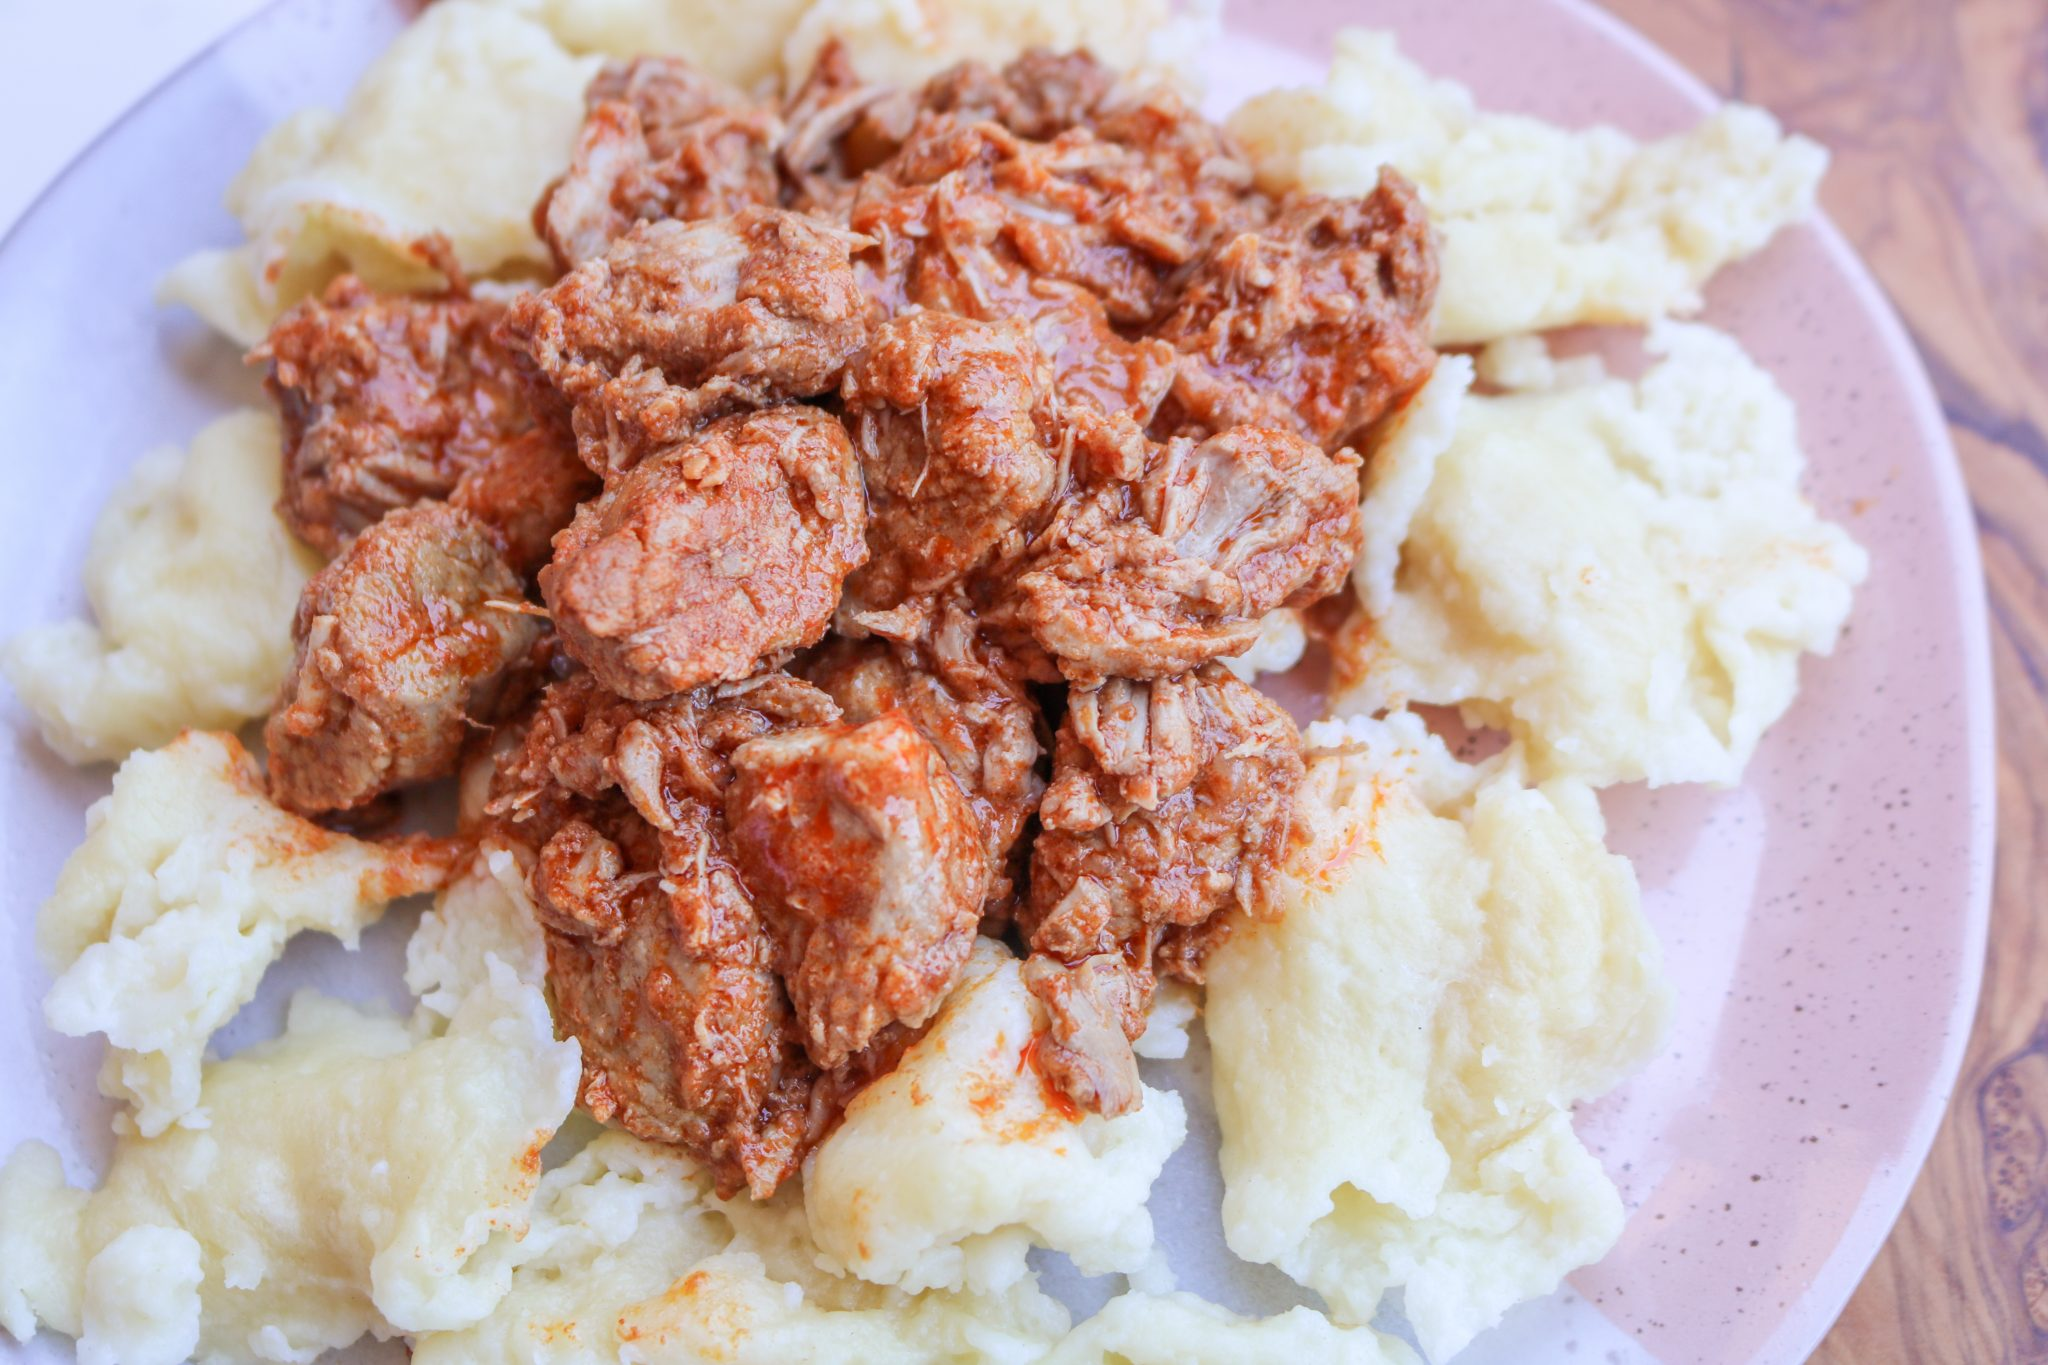 The-Hungarian-Brunette-Pork-porkolt-Hungarian-stew-and-nokedli-Hungarian-dumplings-9-of-10.jpg